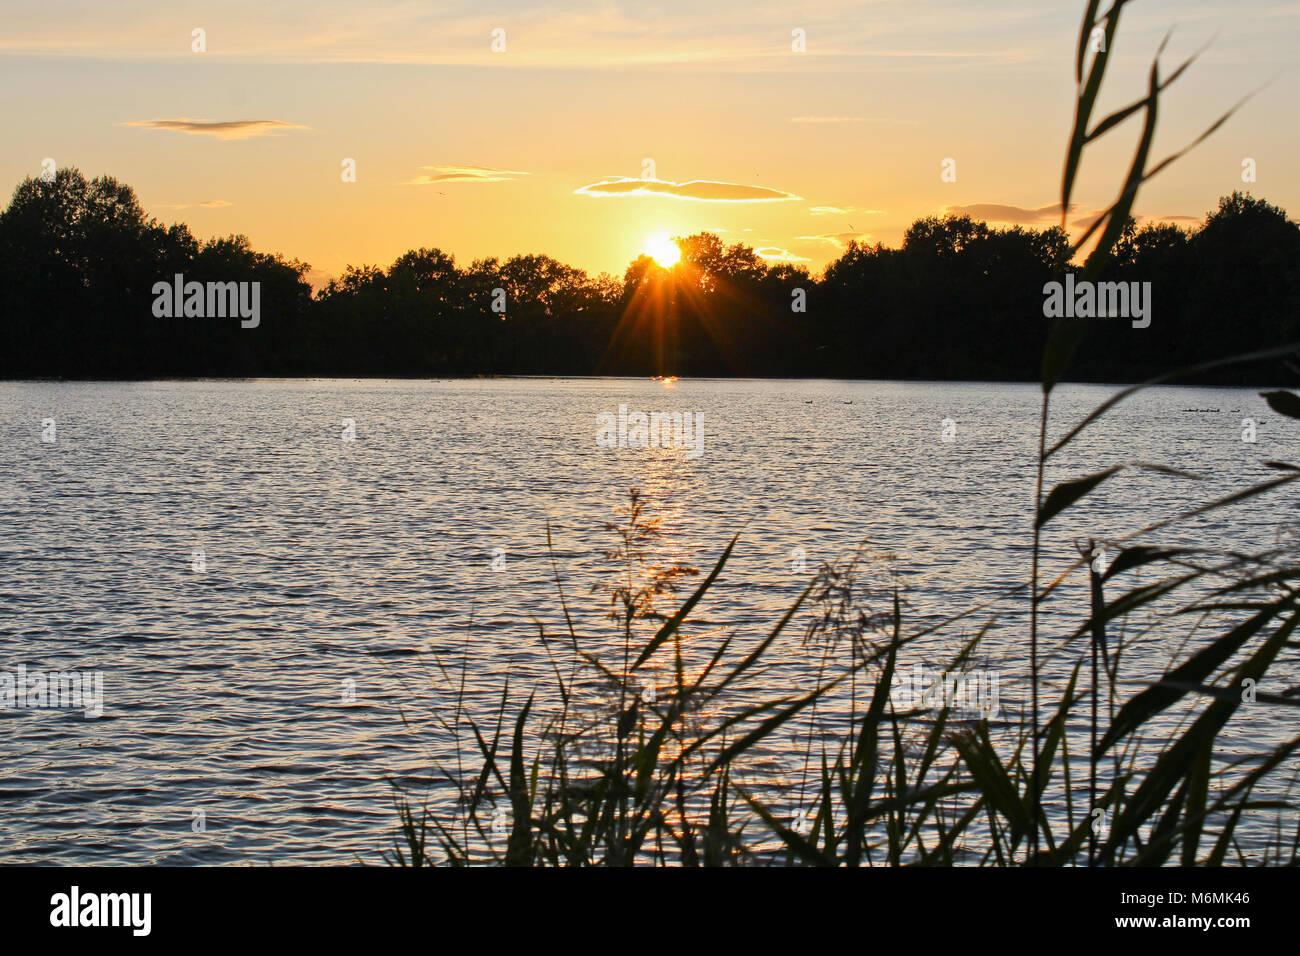 Coucher du soleil sur l'étang avec silhouette d'arbres et de grande herbe devant, concentré de soleil, paysage tchèque Banque D'Images